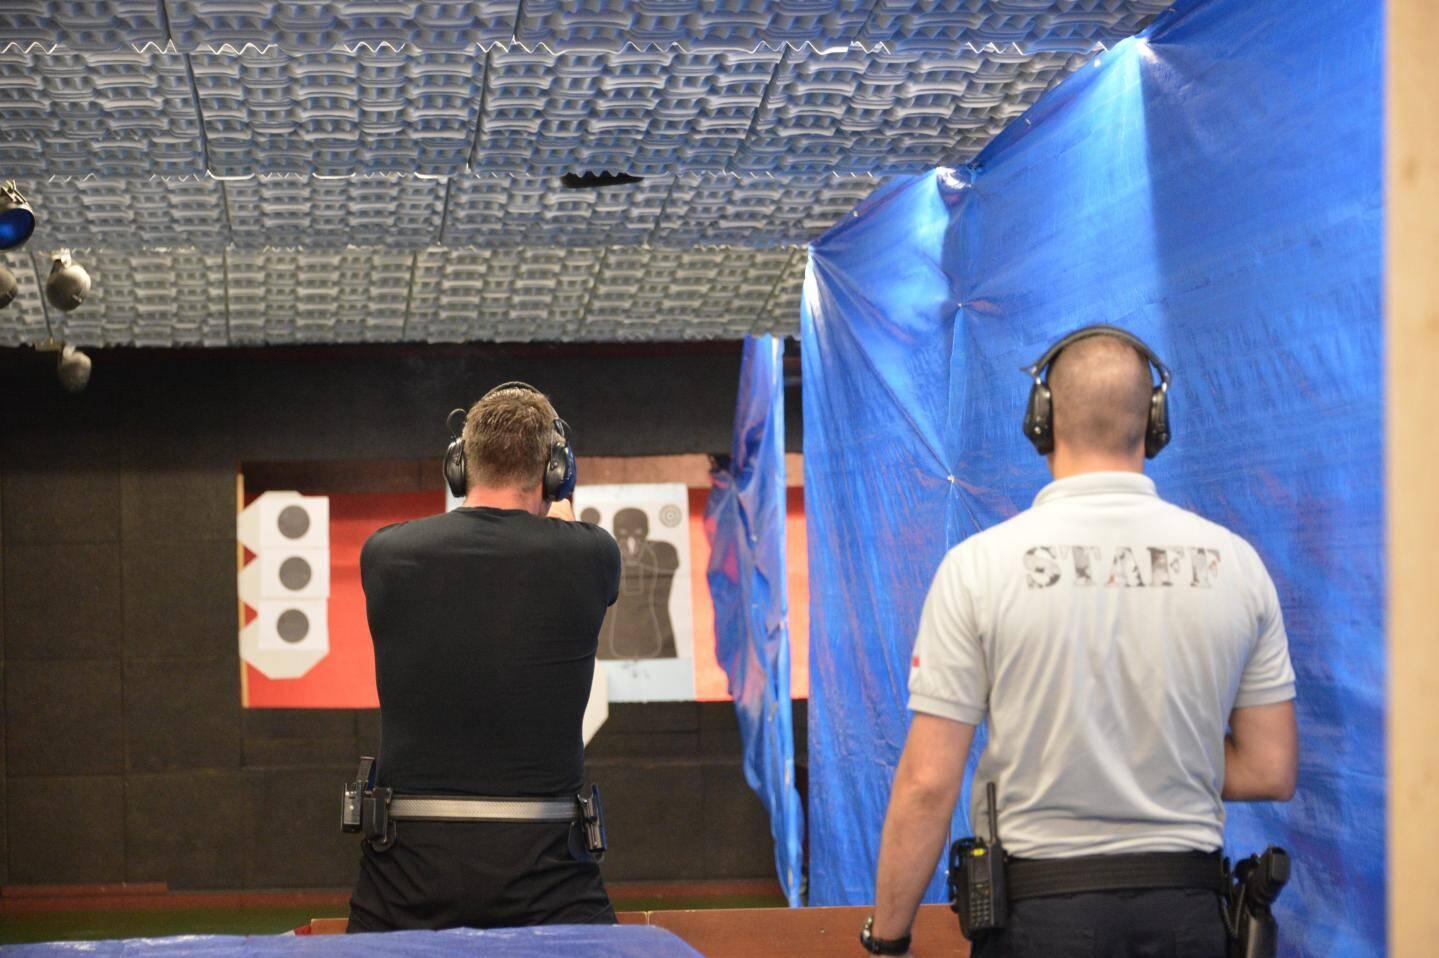 Au stand de tir Rainier-III, les agents disposent de plusieurs équipements pour s'entraîner, comme ici une salle dont le volume peut être modulé pour simuler un appartement.(PhotoCharly Gallo/DirCom)